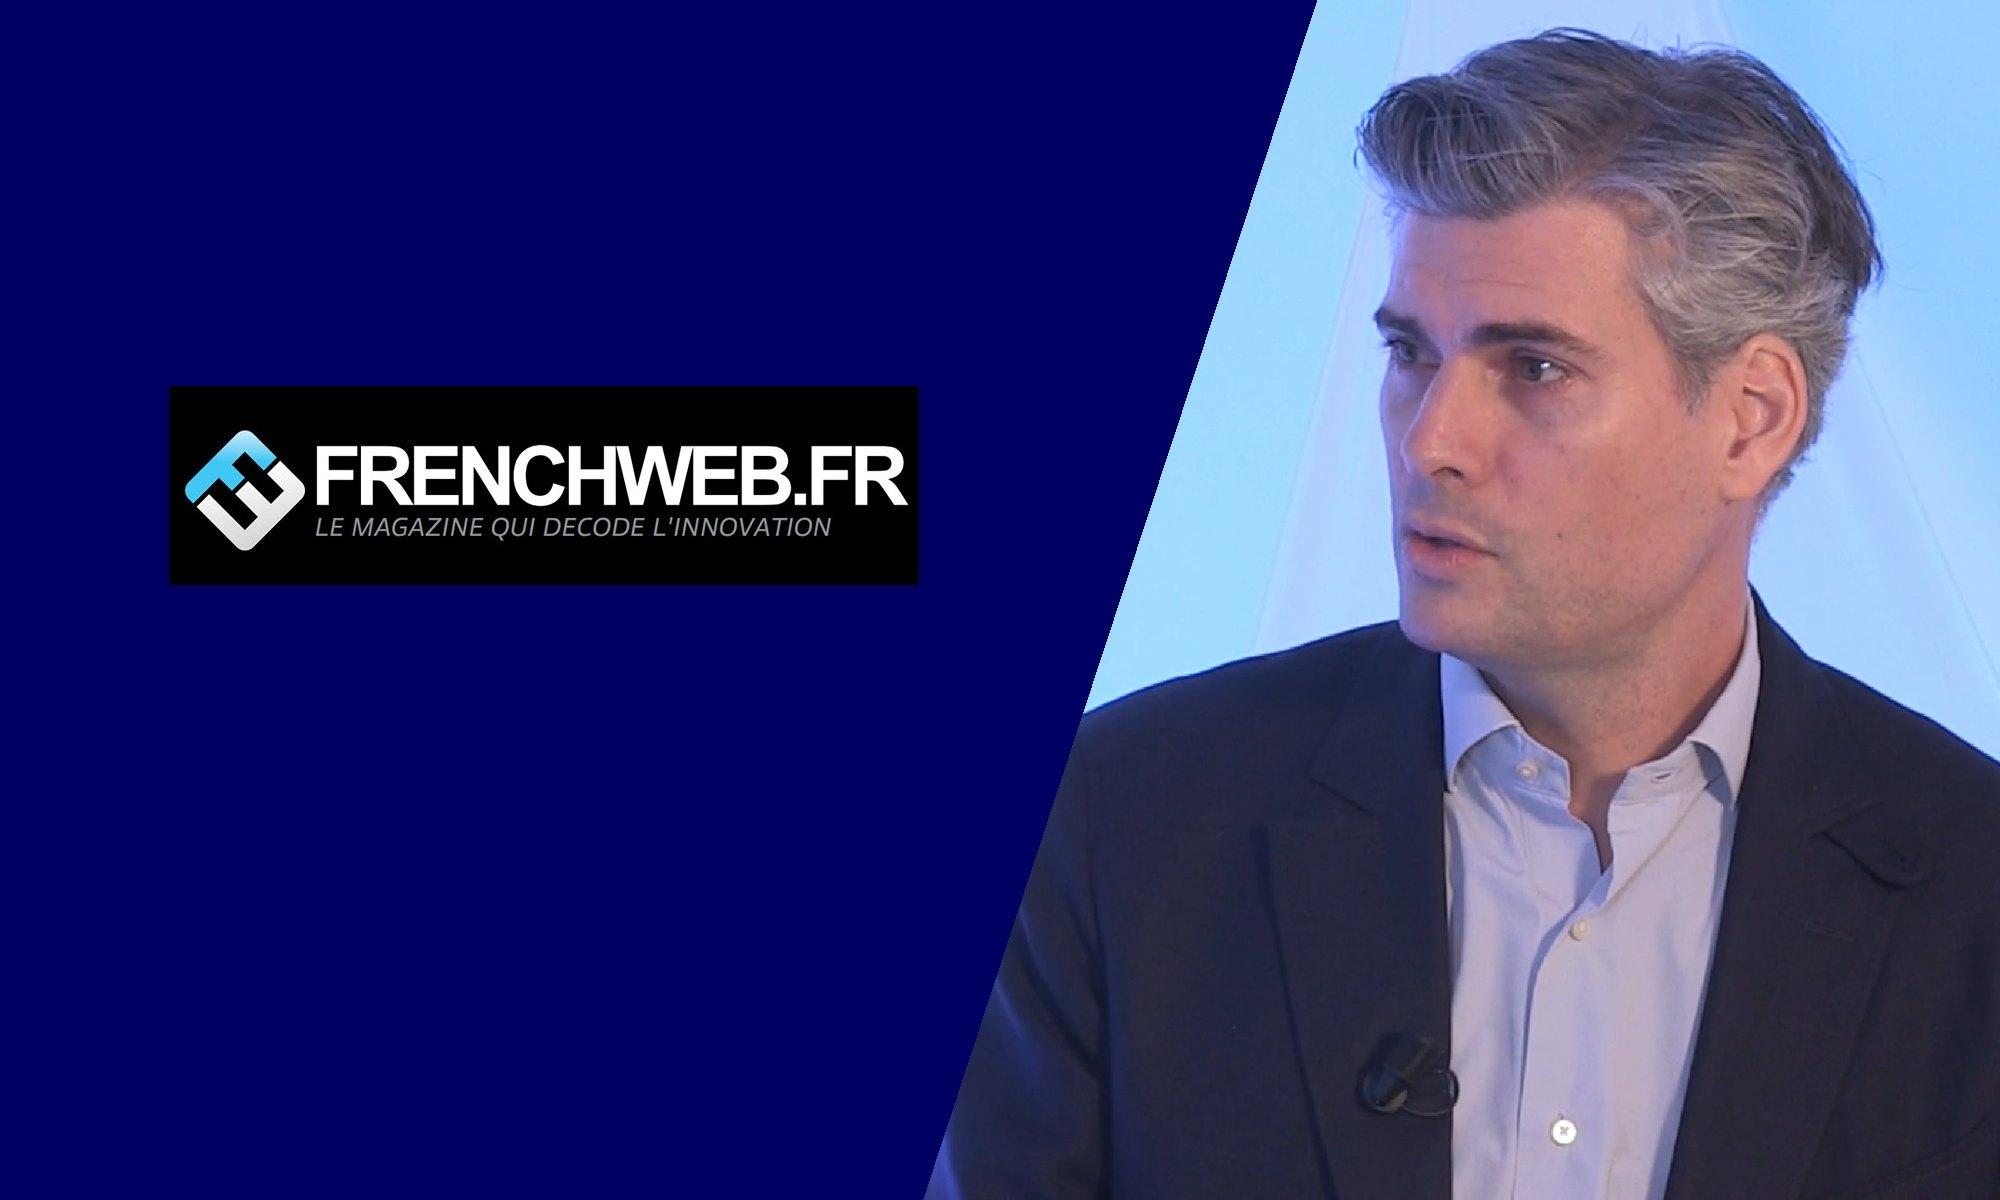 Florian Reinaud en interview vidéo sur FrenchWeb.fr